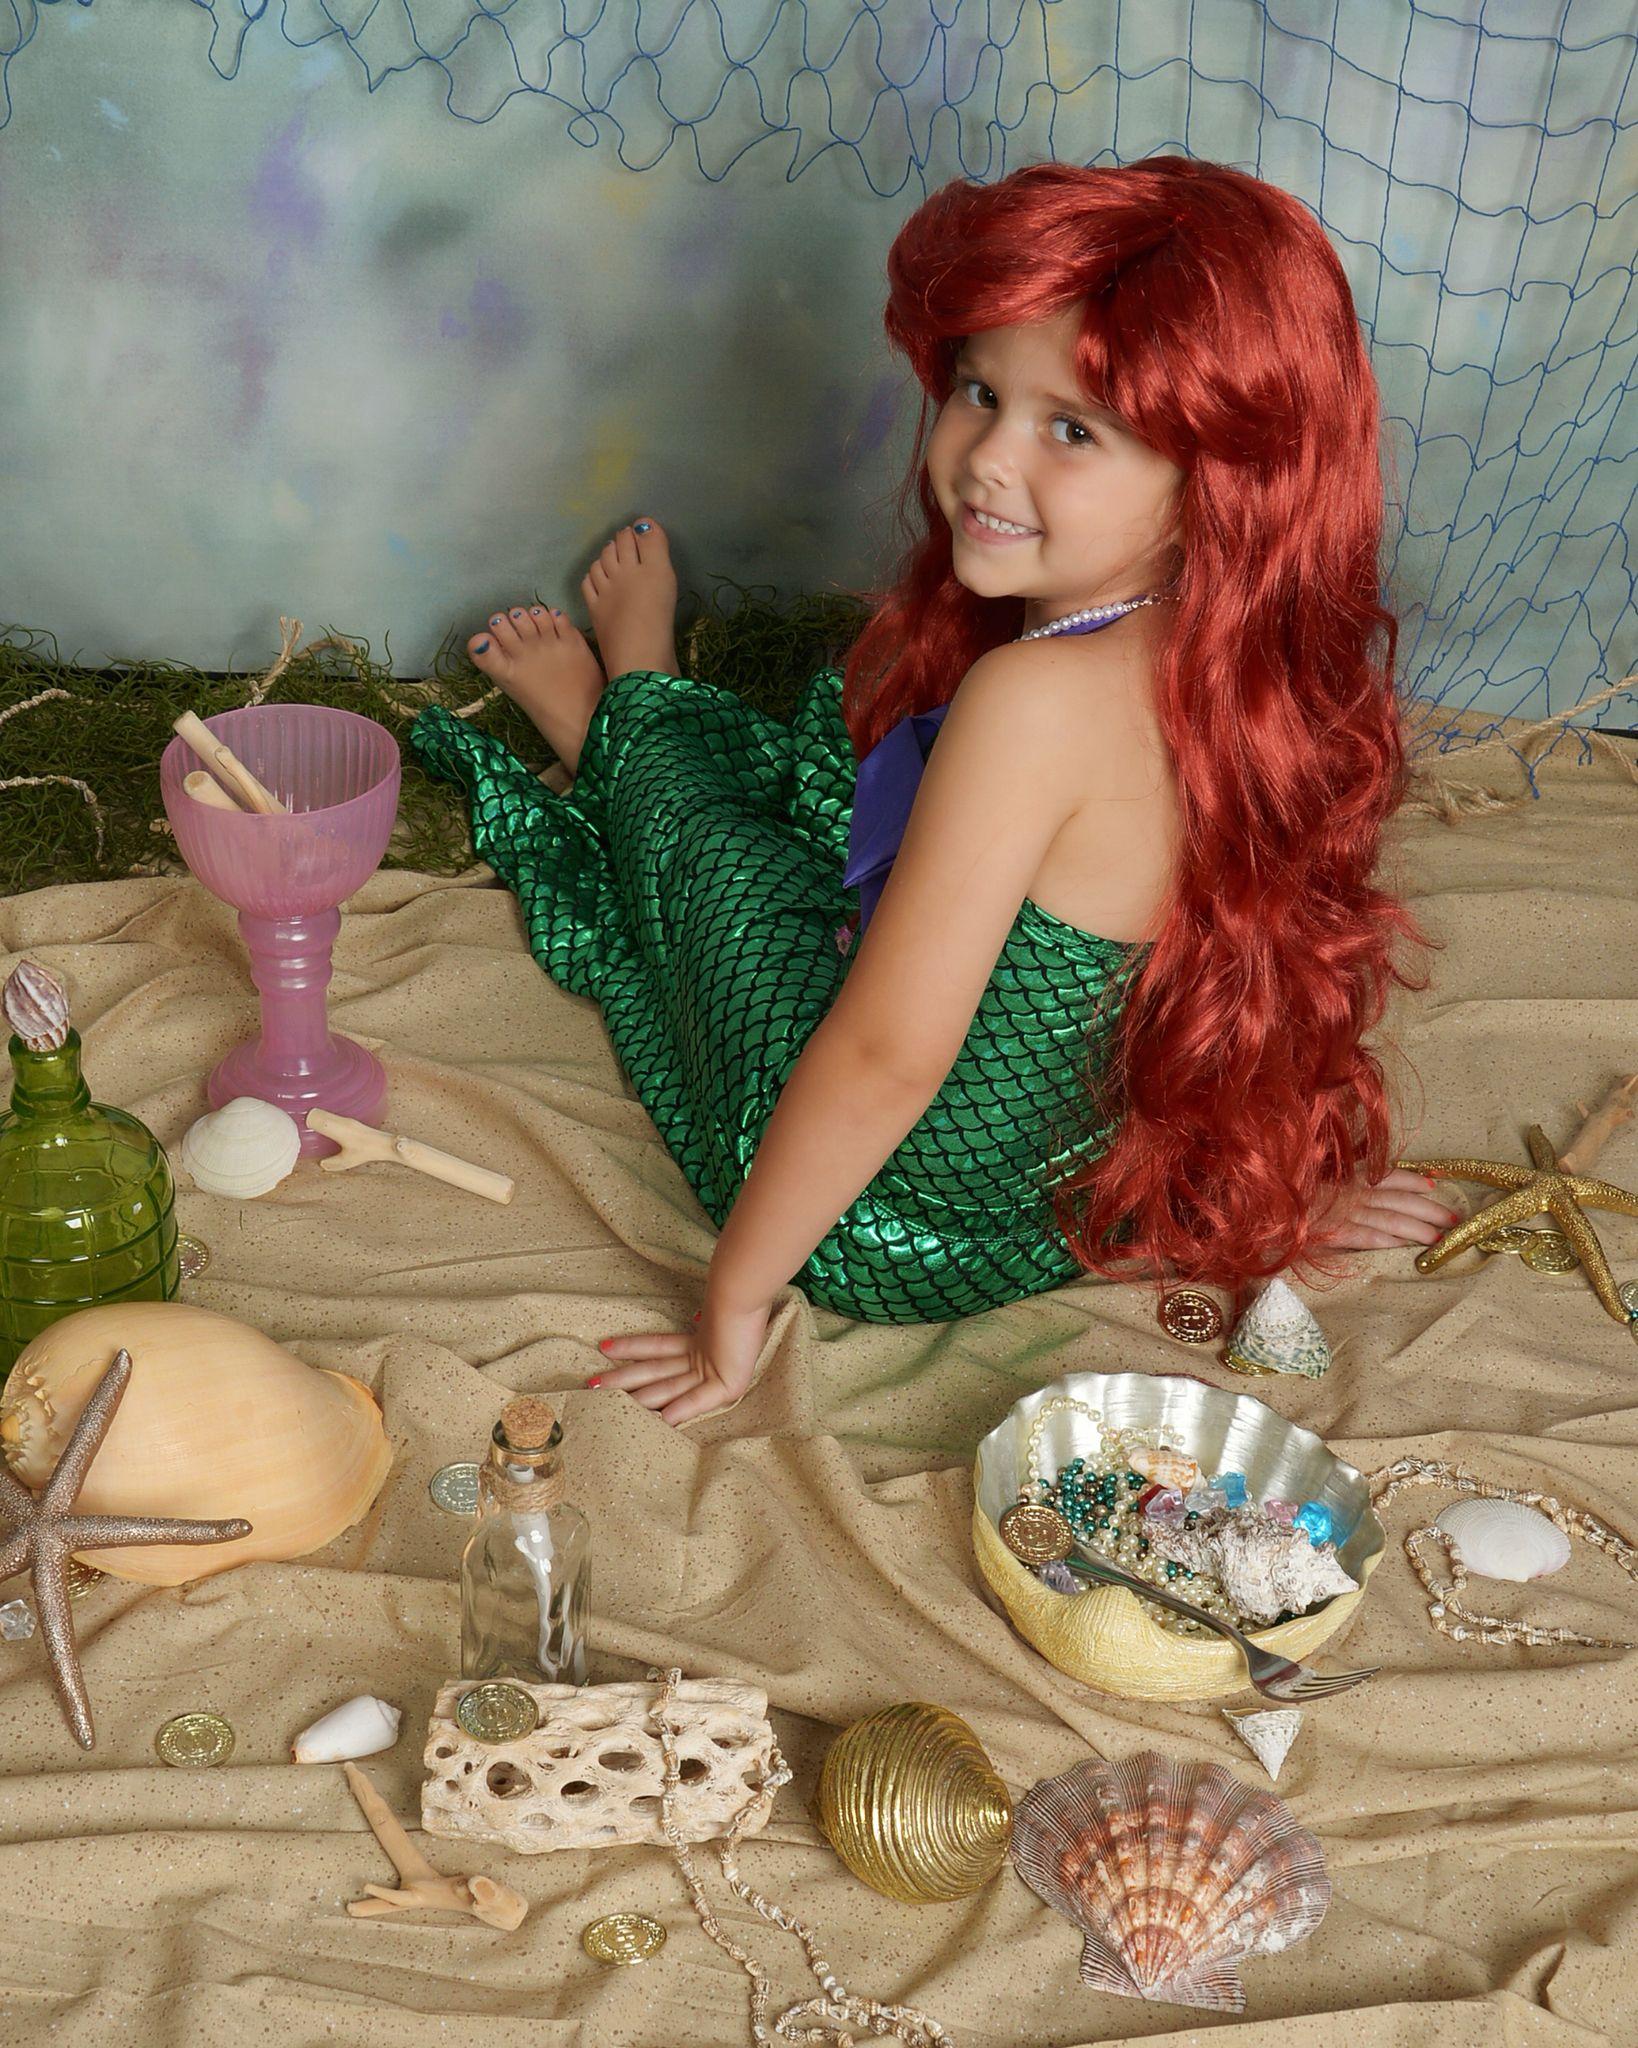 Mermaid photo props   Mermaid photo props, Mermaid photos ...